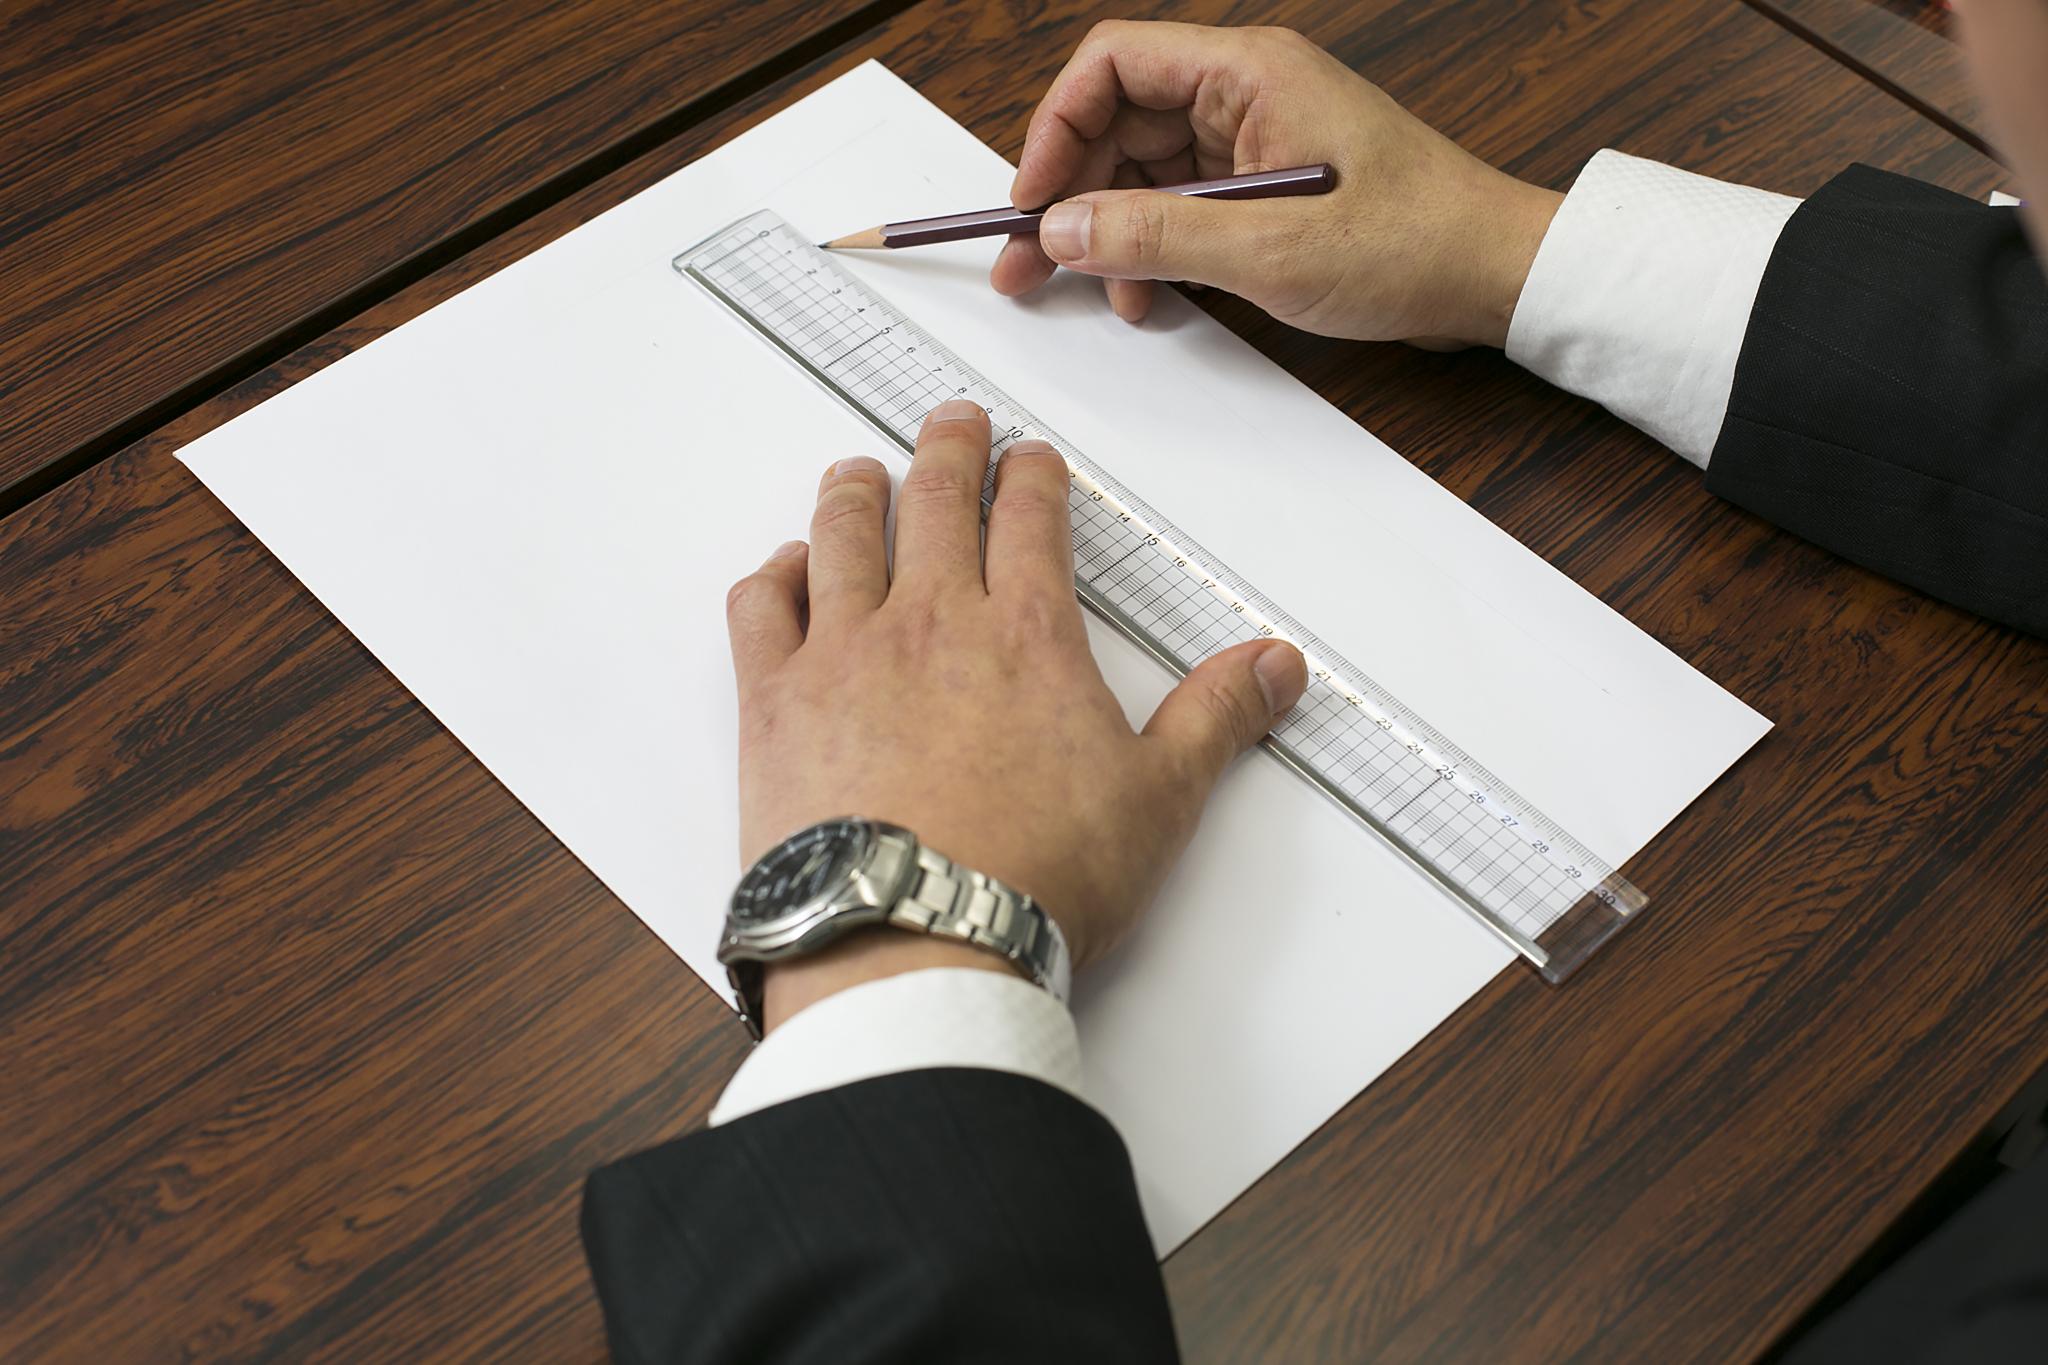 定規を使ってまっすぐに文字を書いている画像